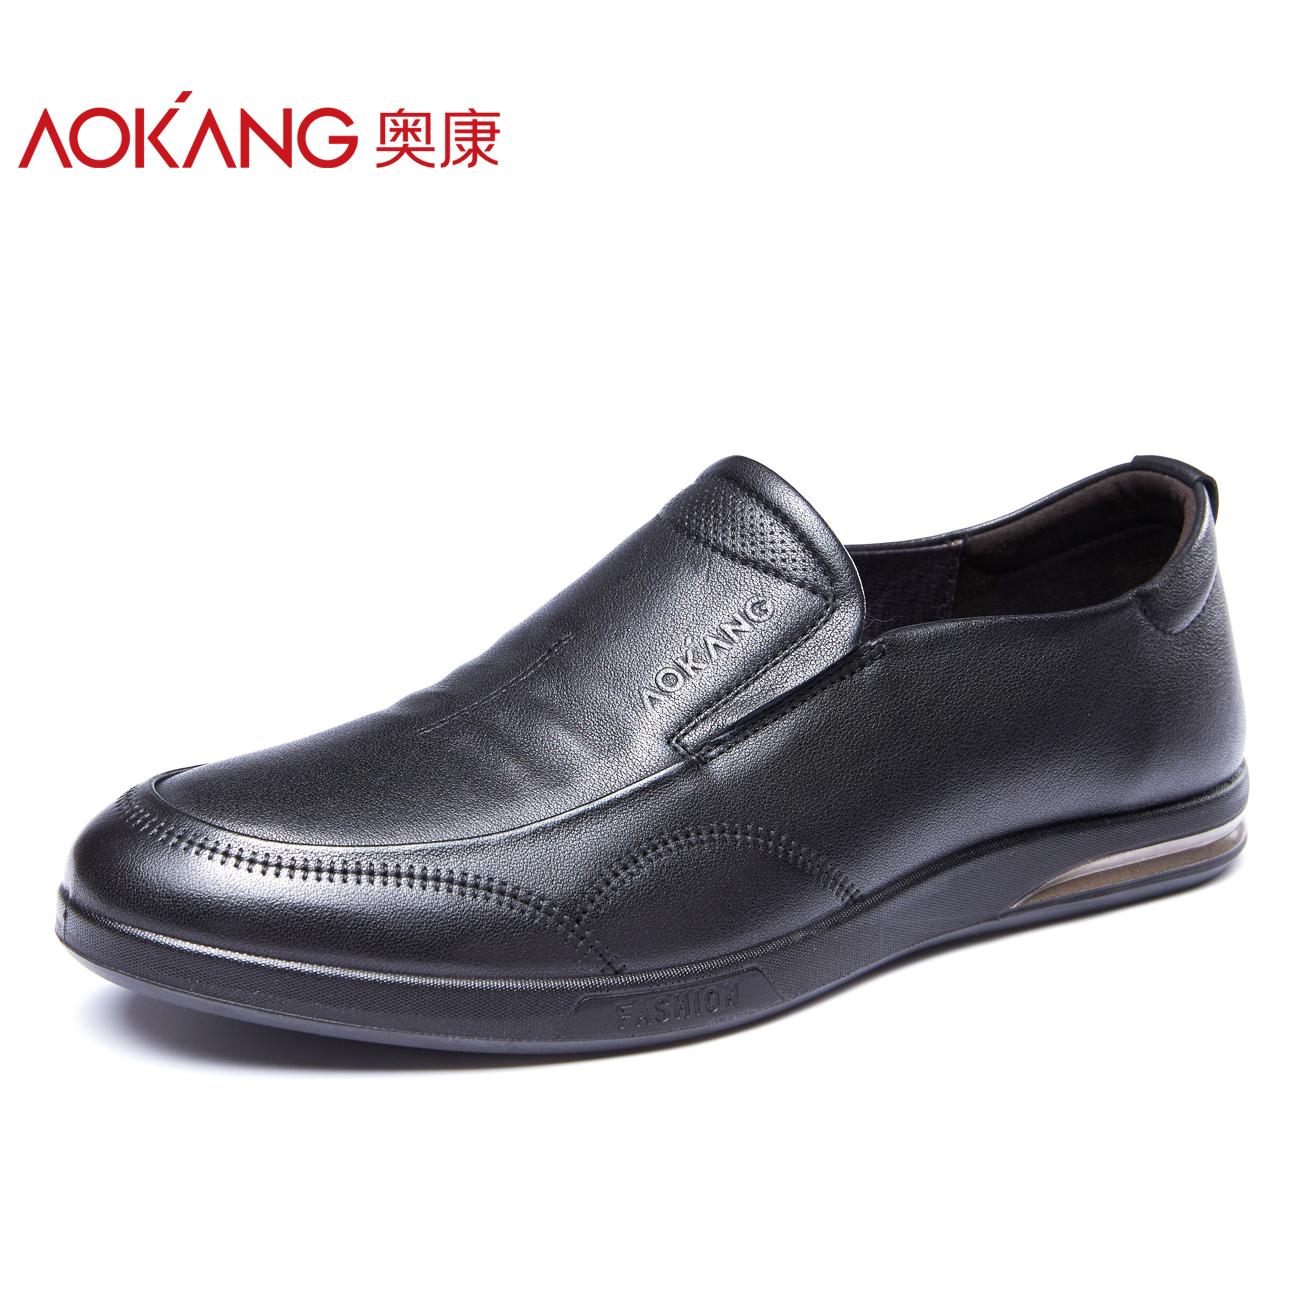 奥康旗舰店官方男商务休闲皮鞋男真皮圆头潮懒人鞋子韩版鞋休闲鞋